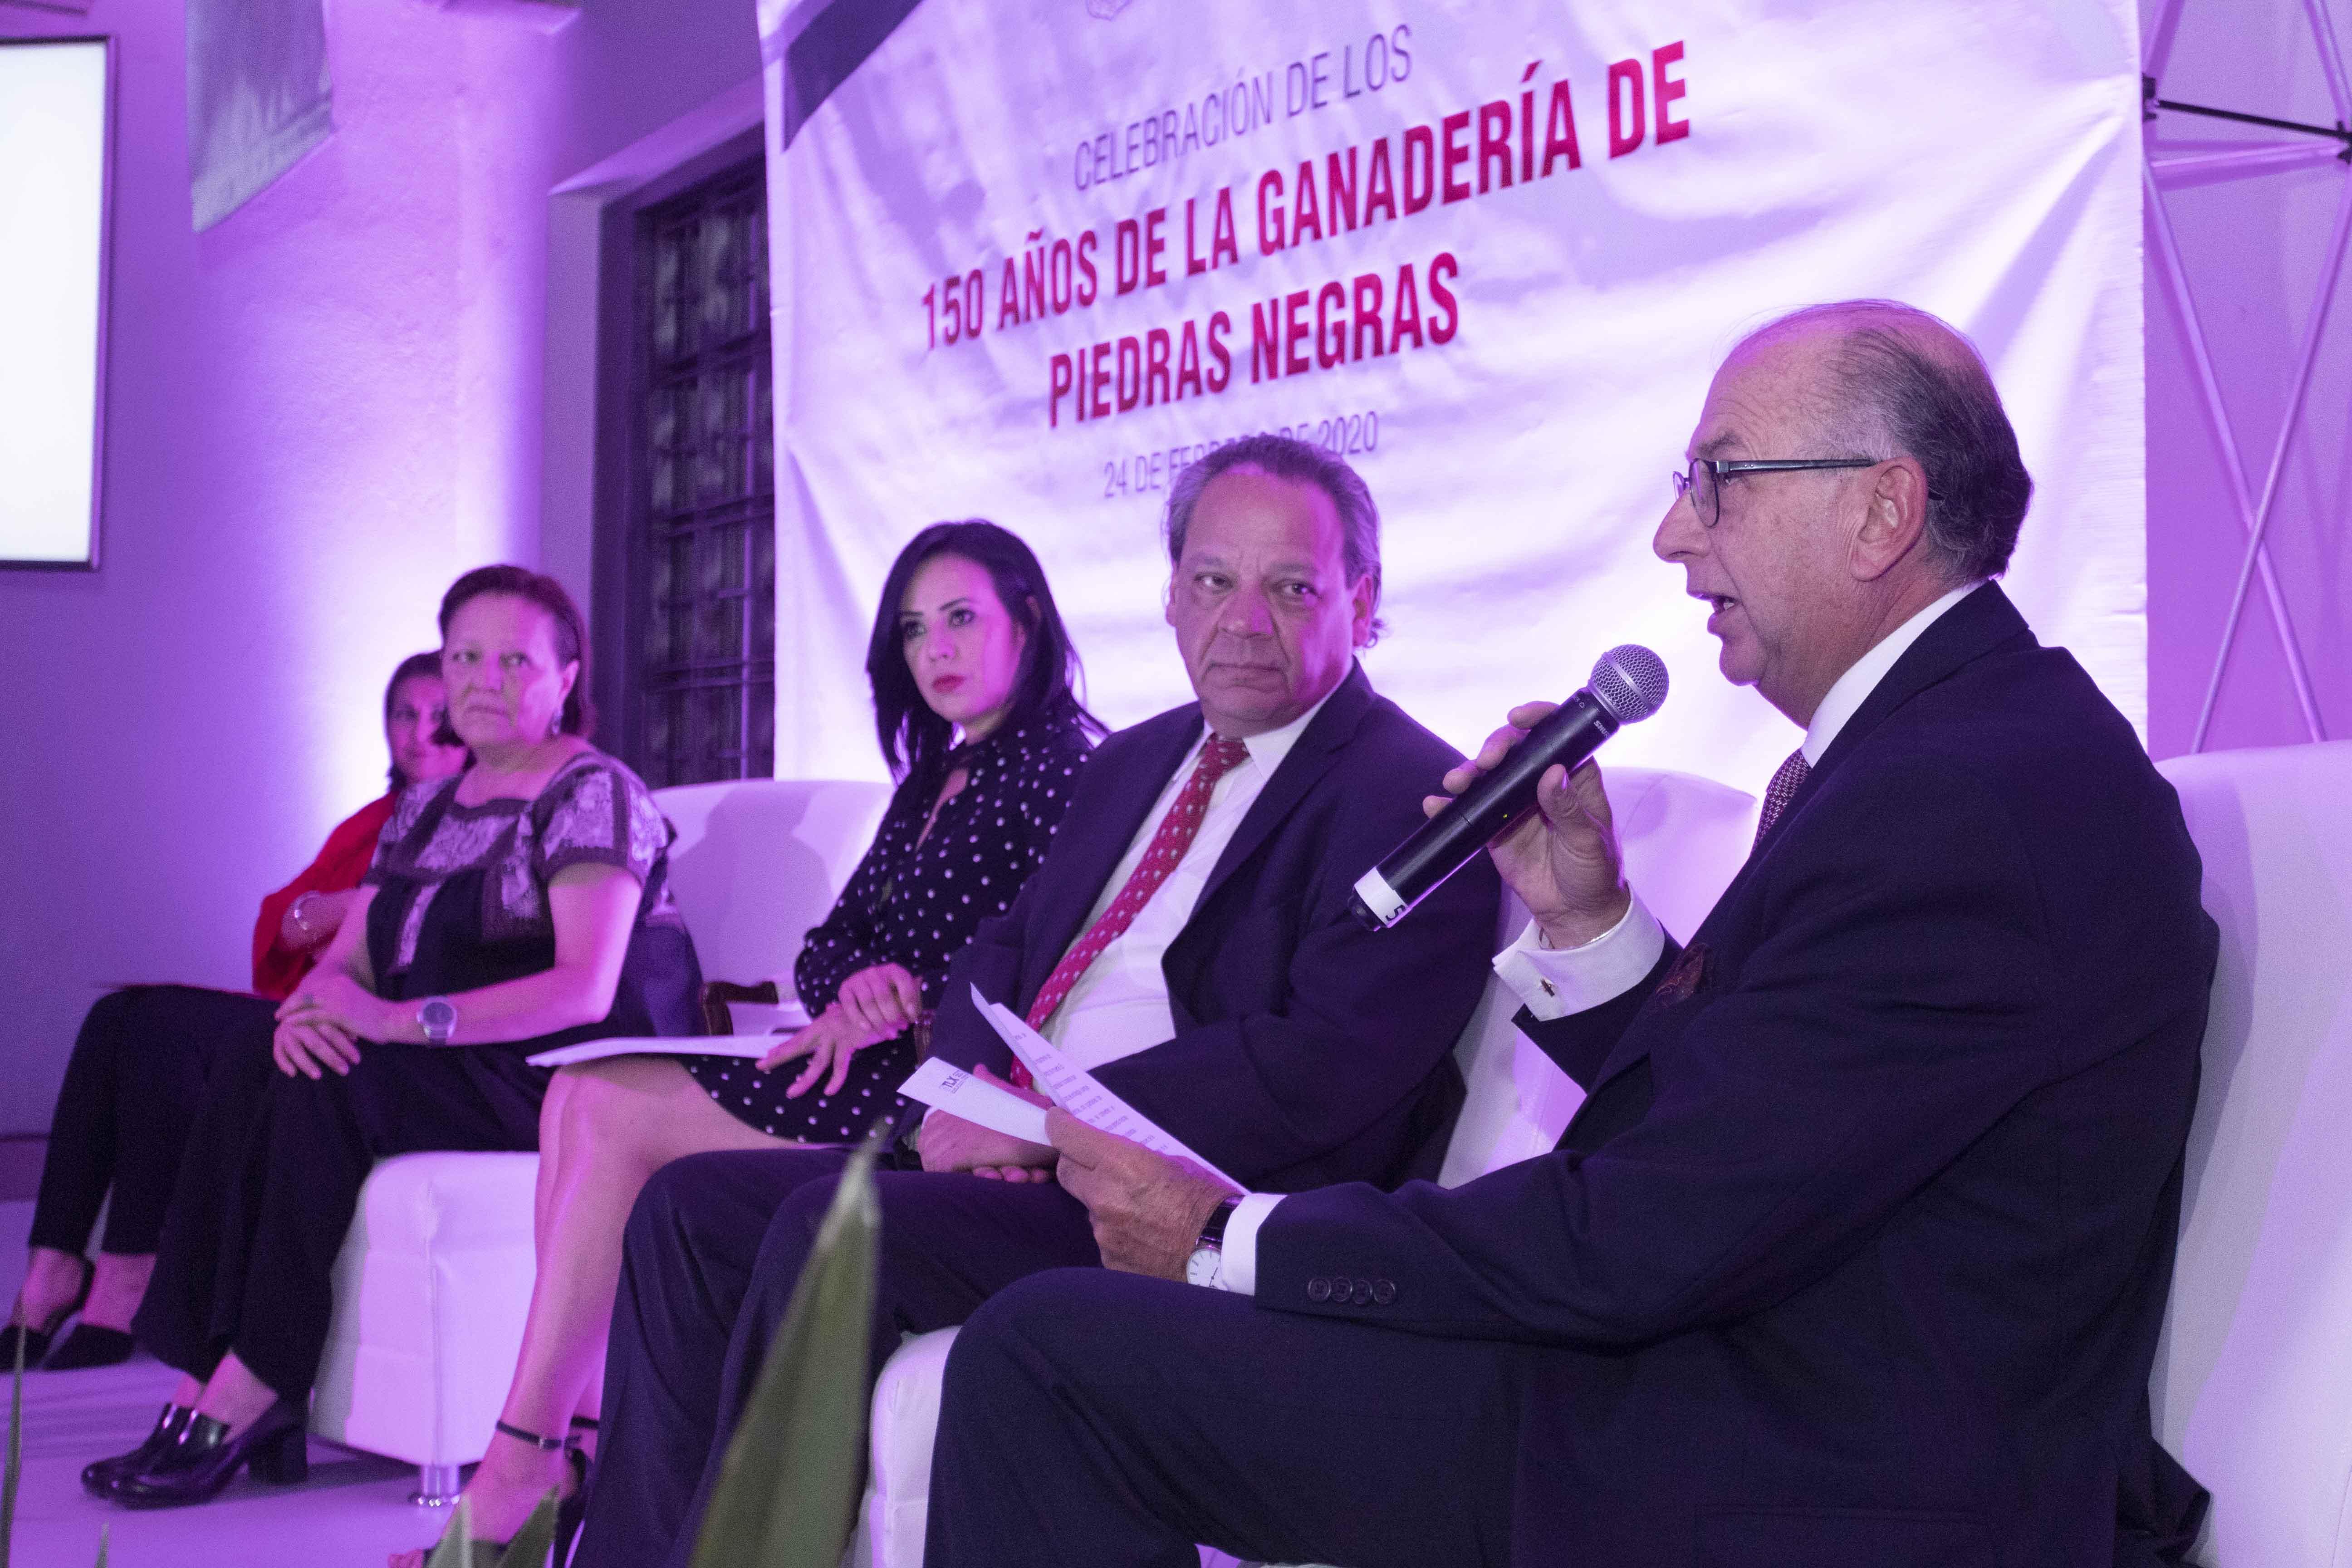 Desde Tlaxcala: Presentan programa del 150 aniversario de la Ganadería de Piedras Negras